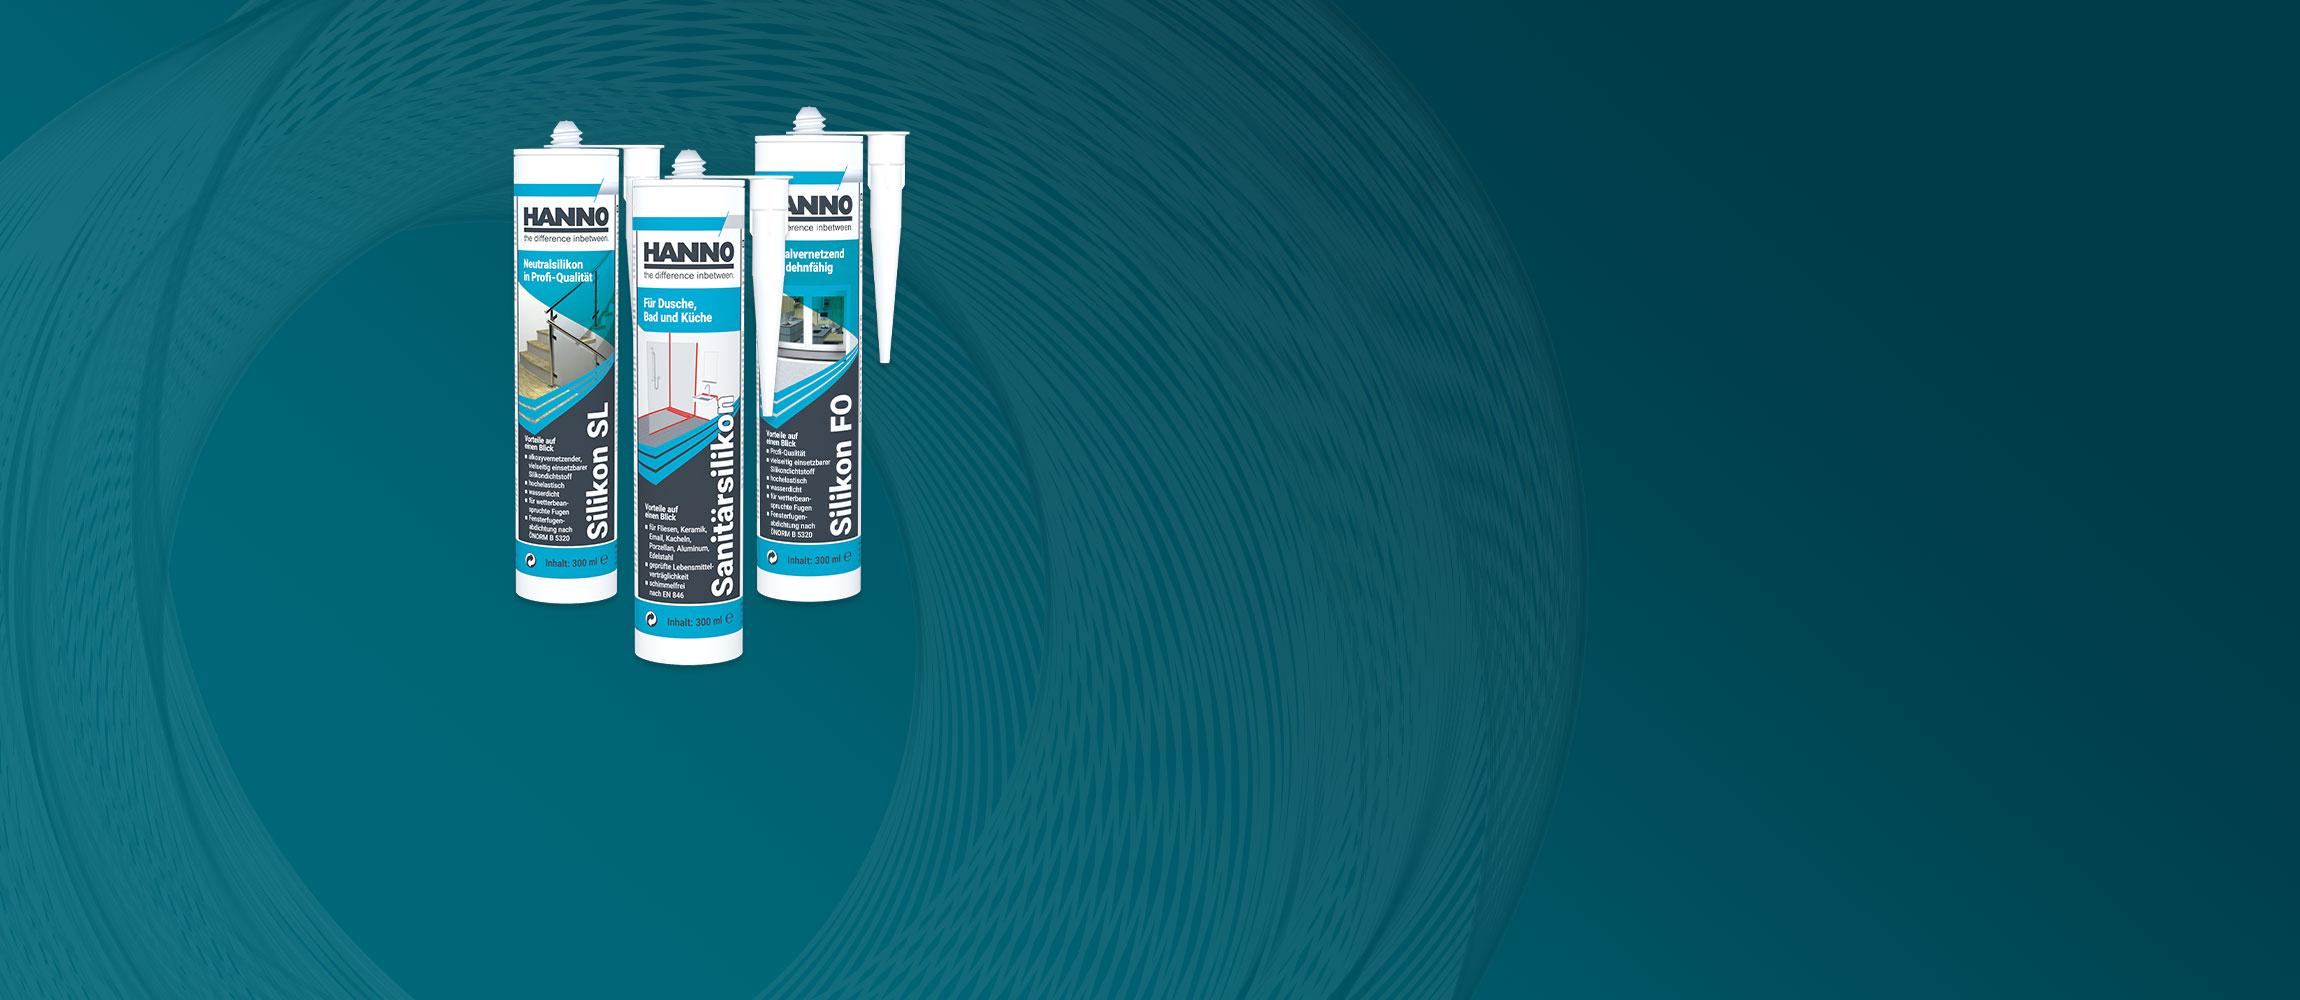 Forbeton intérieur sealing compounds & accessories